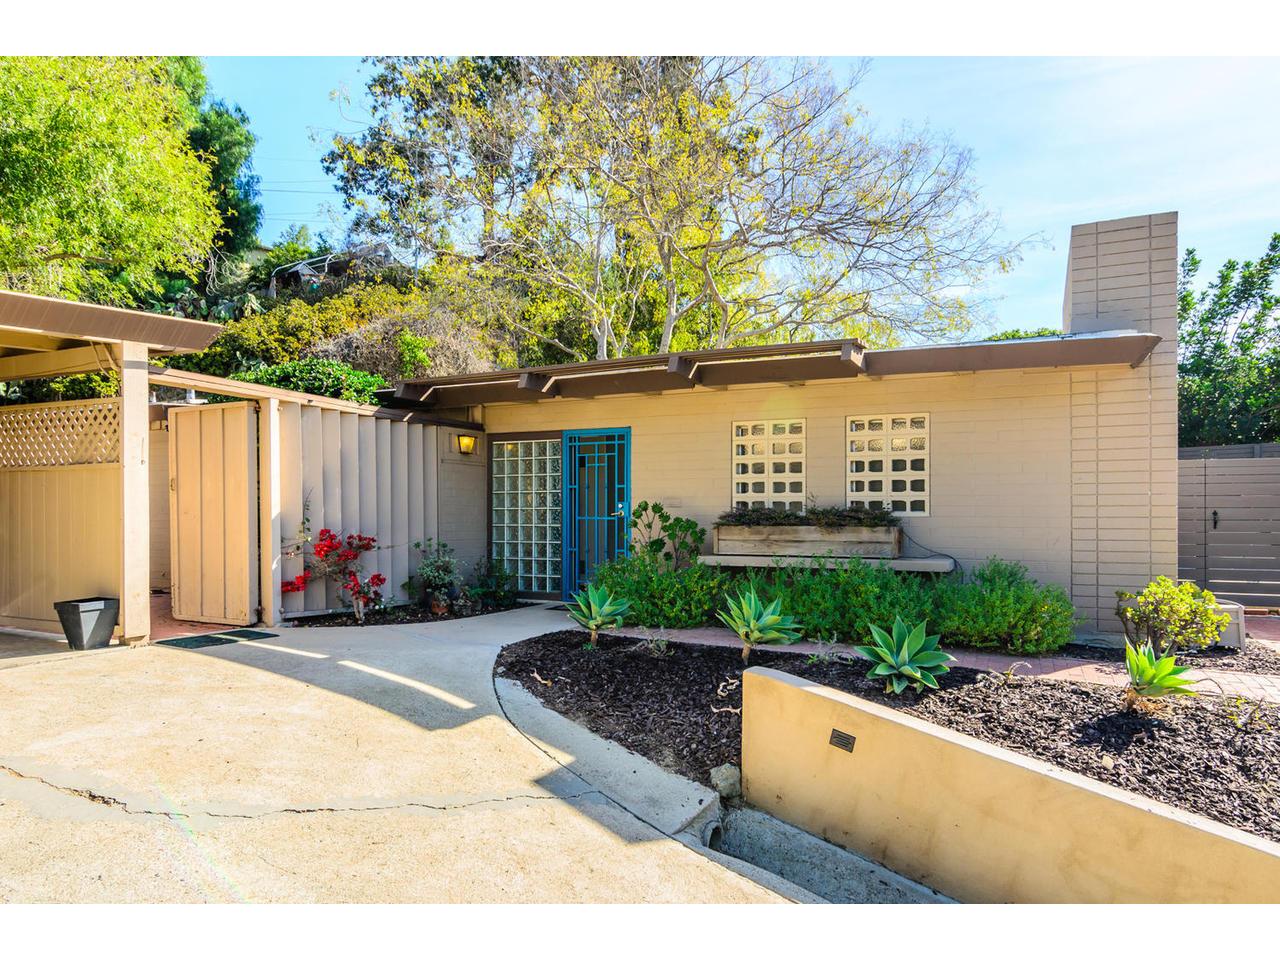 3065 Eagle St San Diego CA-MLS_Size-002-3065 Eagle Street San Diego CA-1280x960-72dpi.jpg